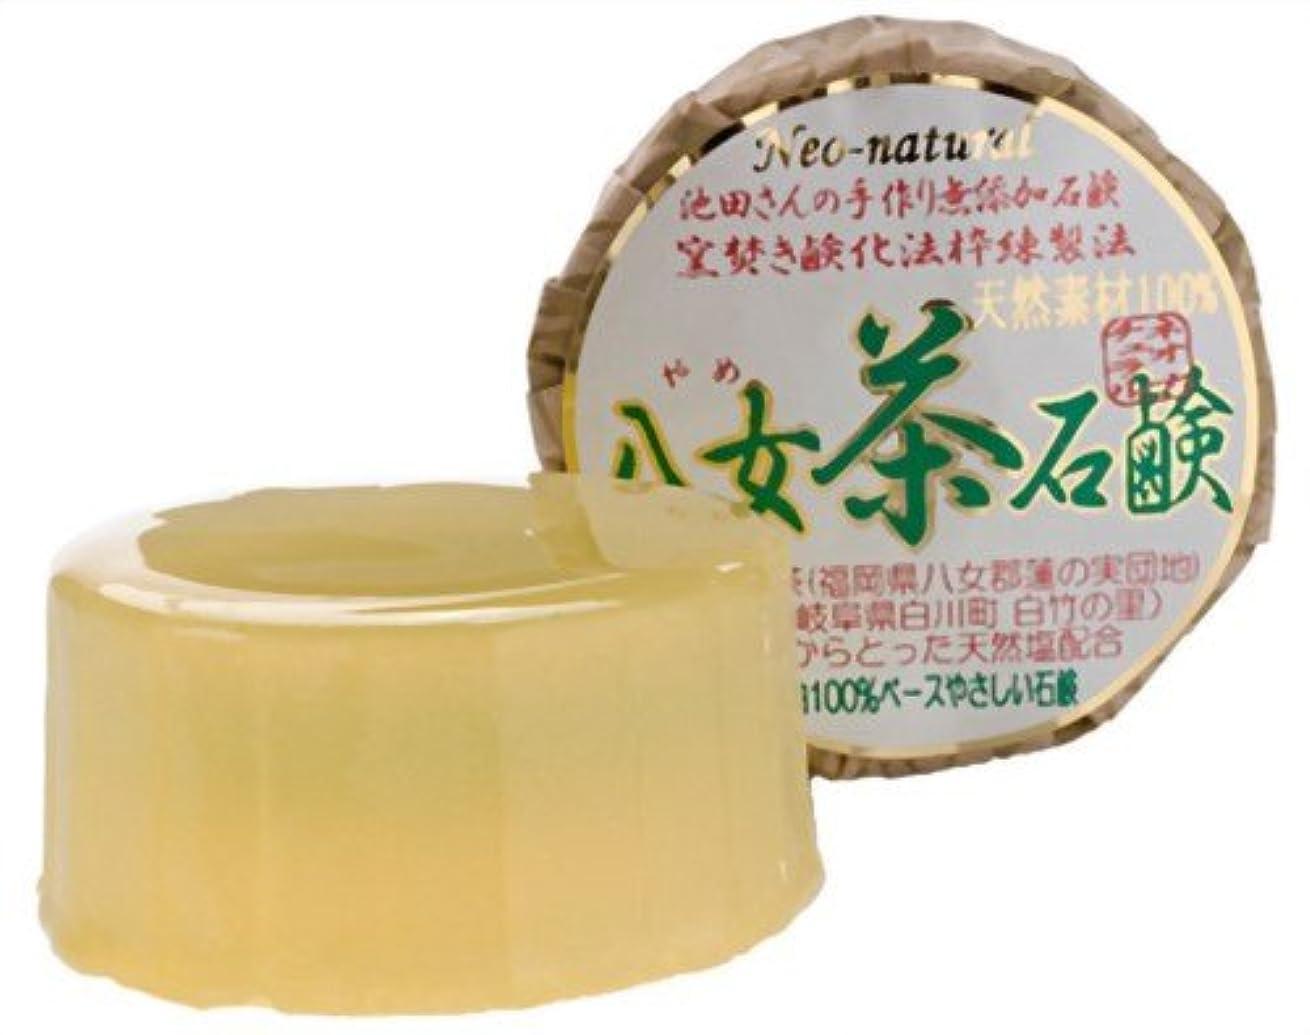 パイント入場料モネネオナチュラル 池田さんの八女茶石鹸 80g